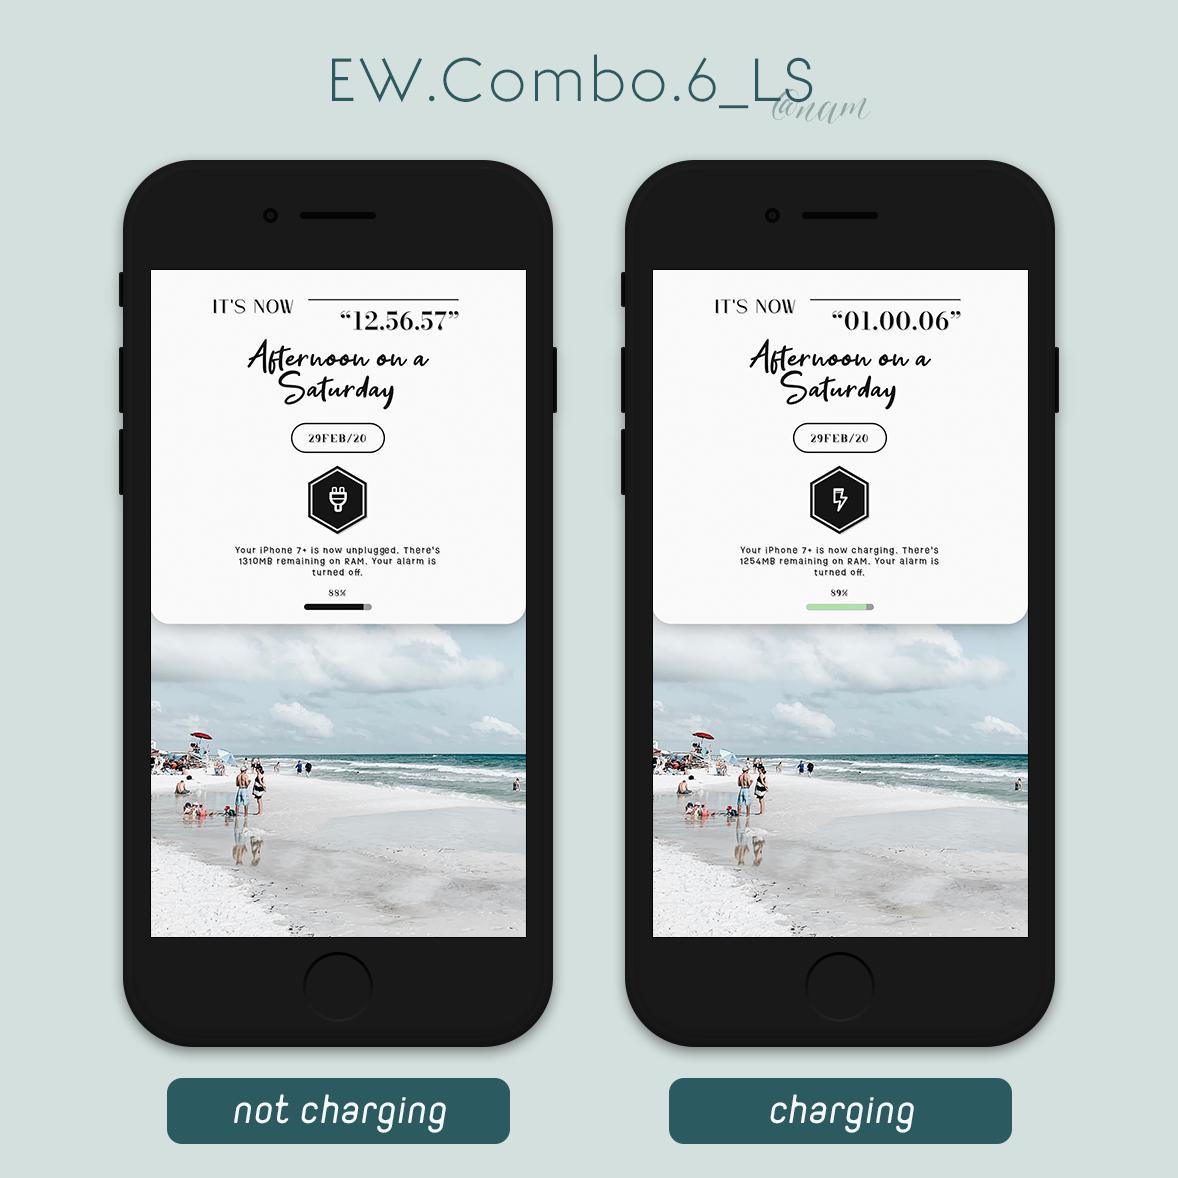 EW.Combo.6 - 1.0